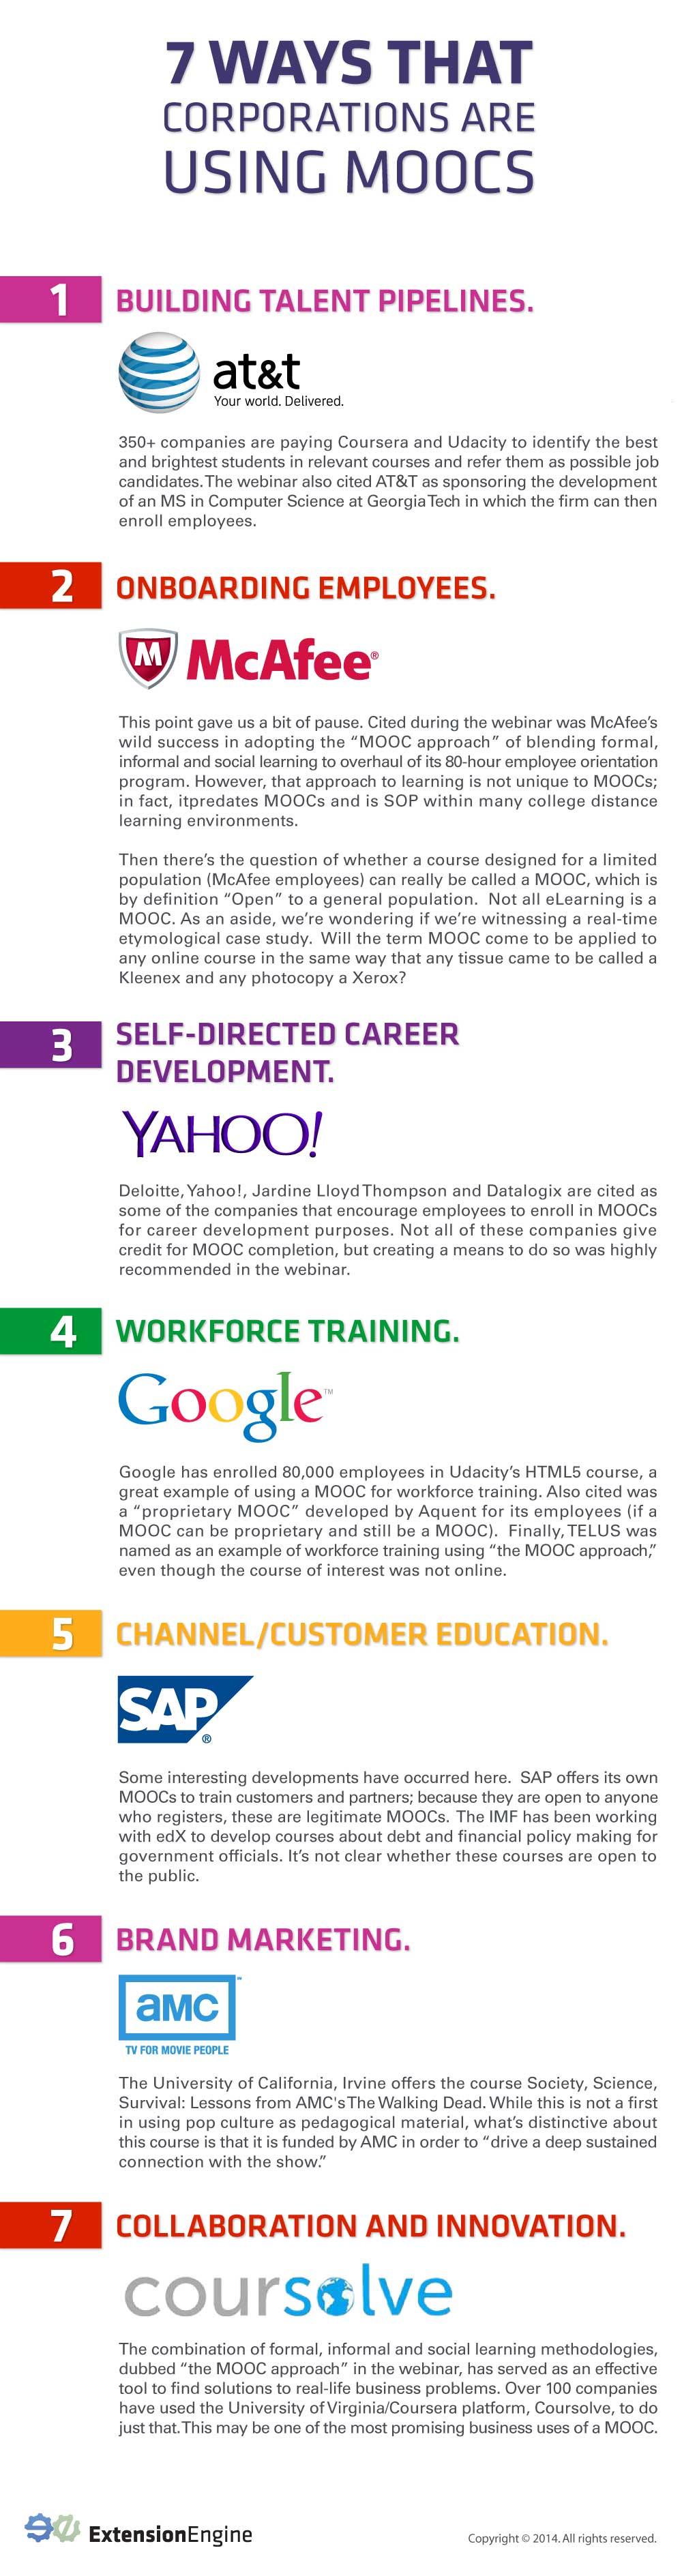 Putting MOOCs to Work Recap [Infographic]